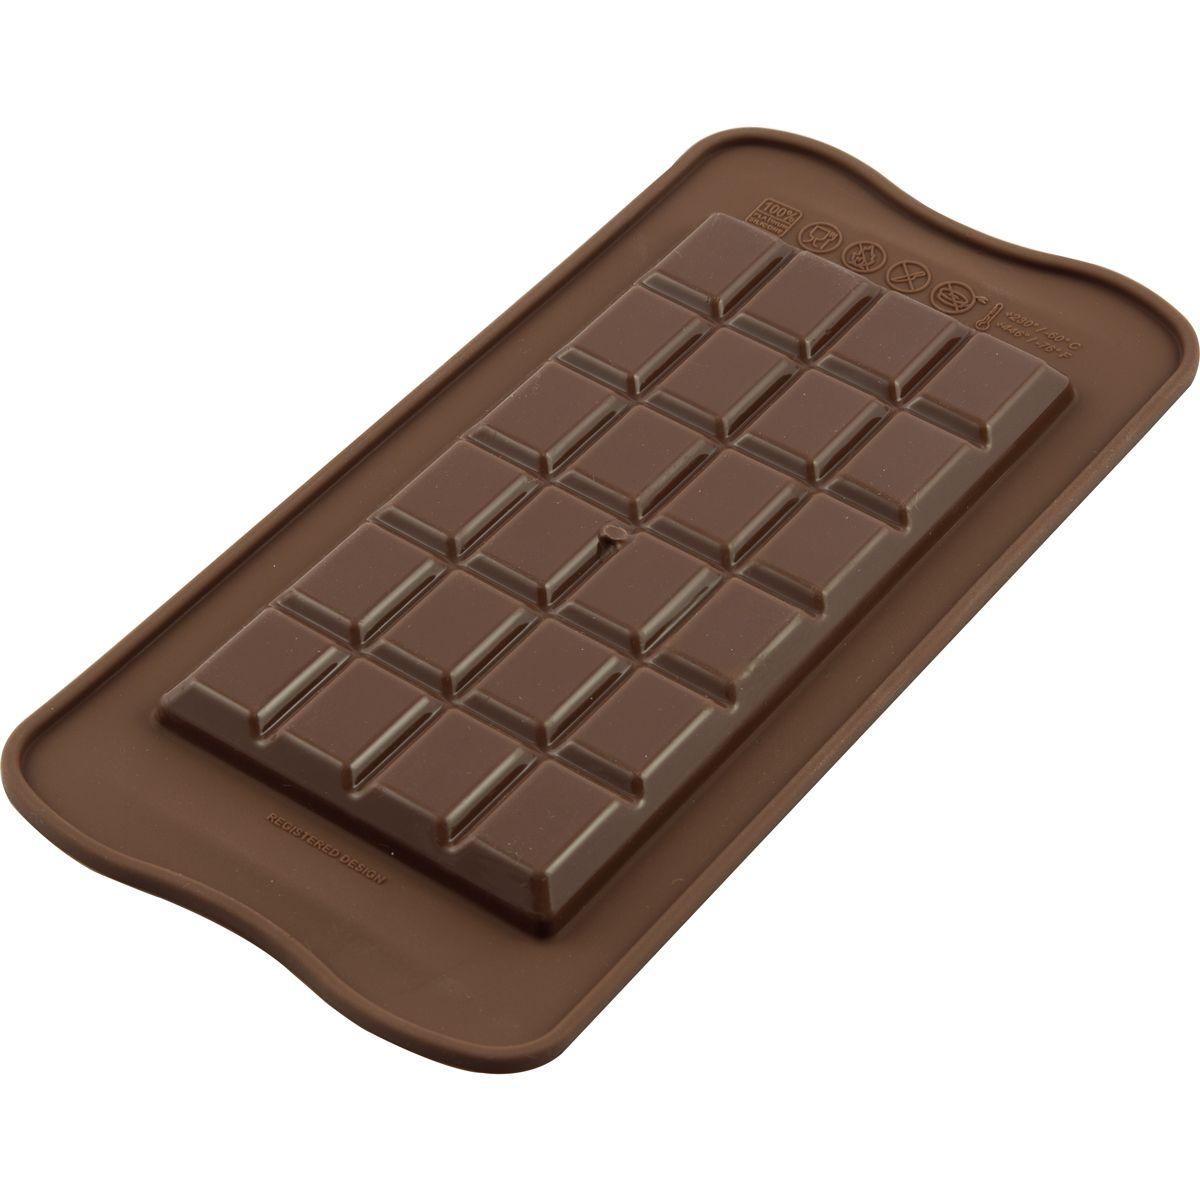 CakeSupplies Silikonová forma na čokoládu - Tabulka čokolády